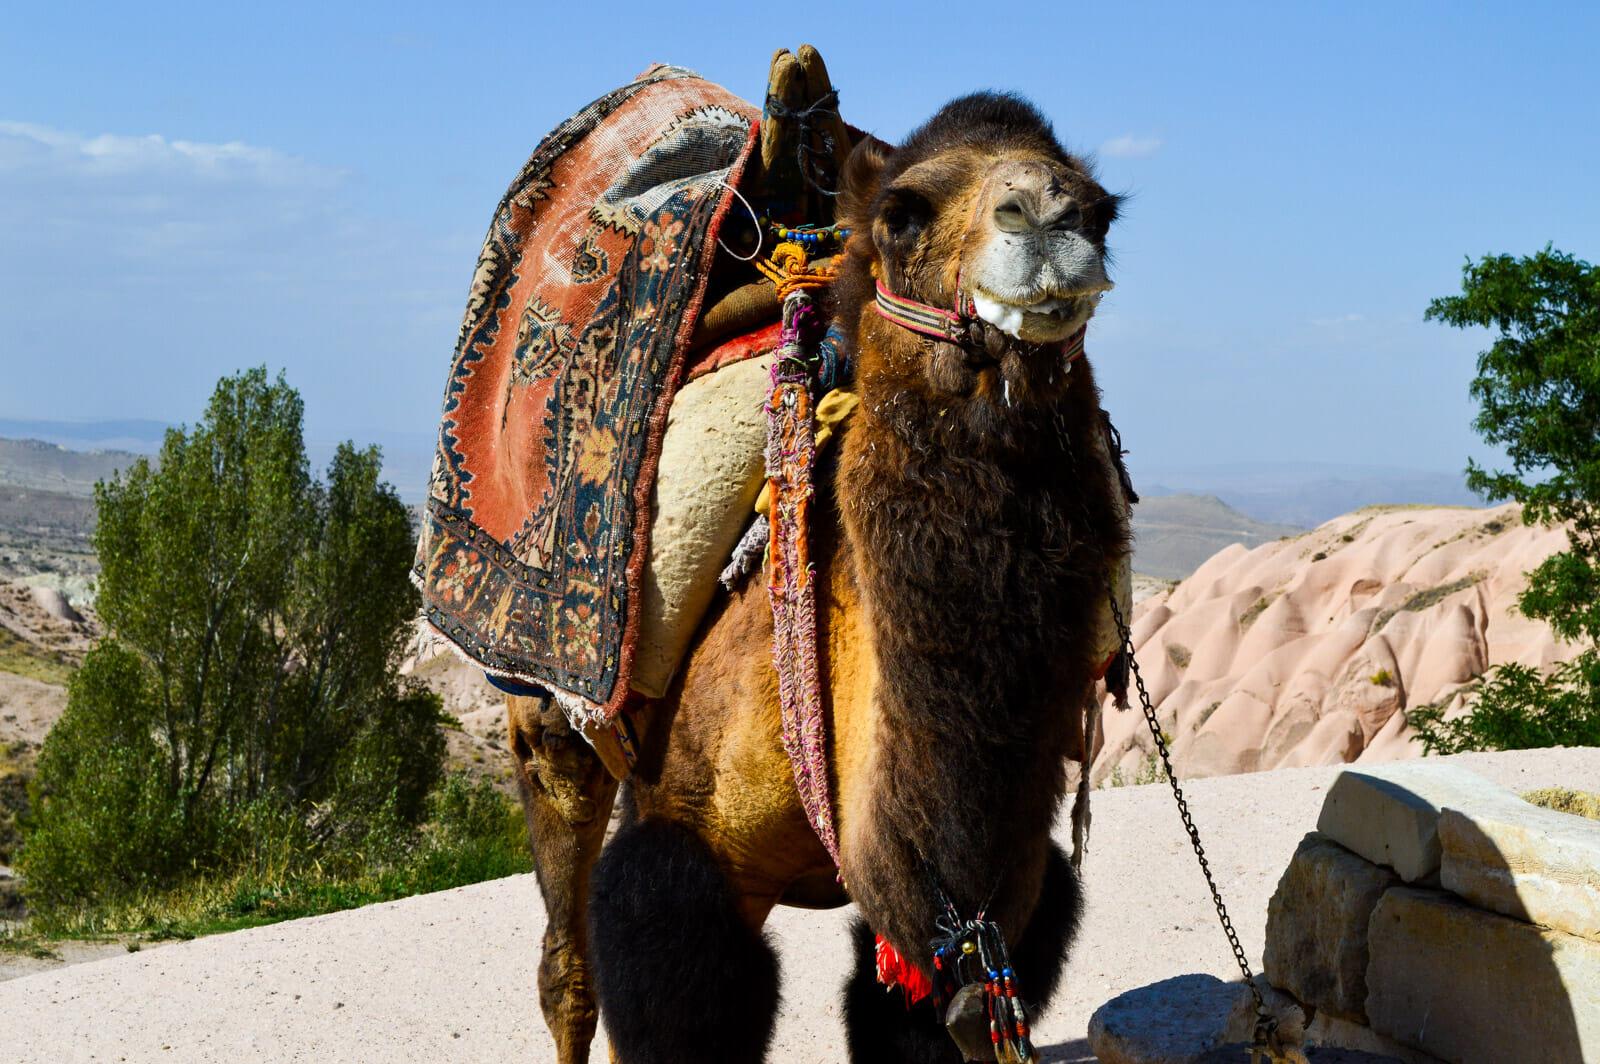 The camels of Cappadocia